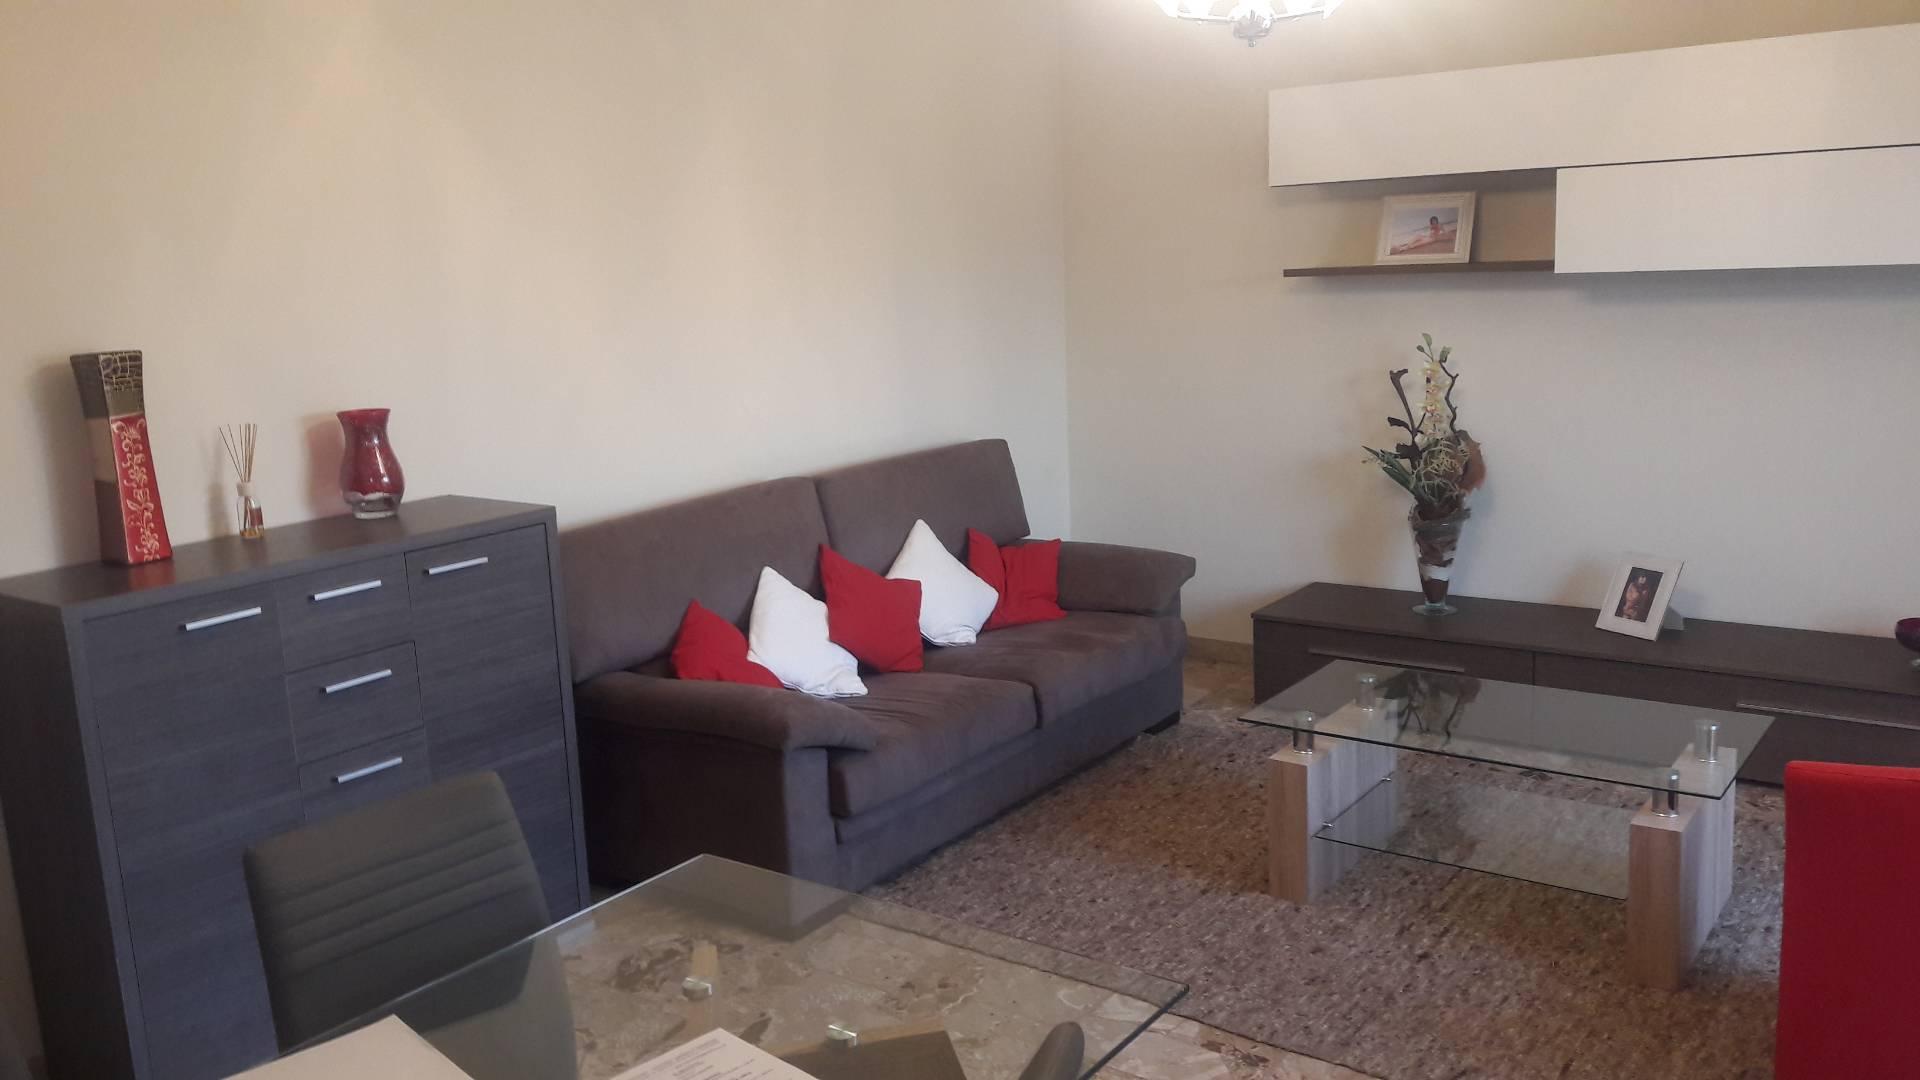 Appartamento in affitto a Gallarate, 4 locali, zona Zona: Arnate, prezzo € 720   CambioCasa.it